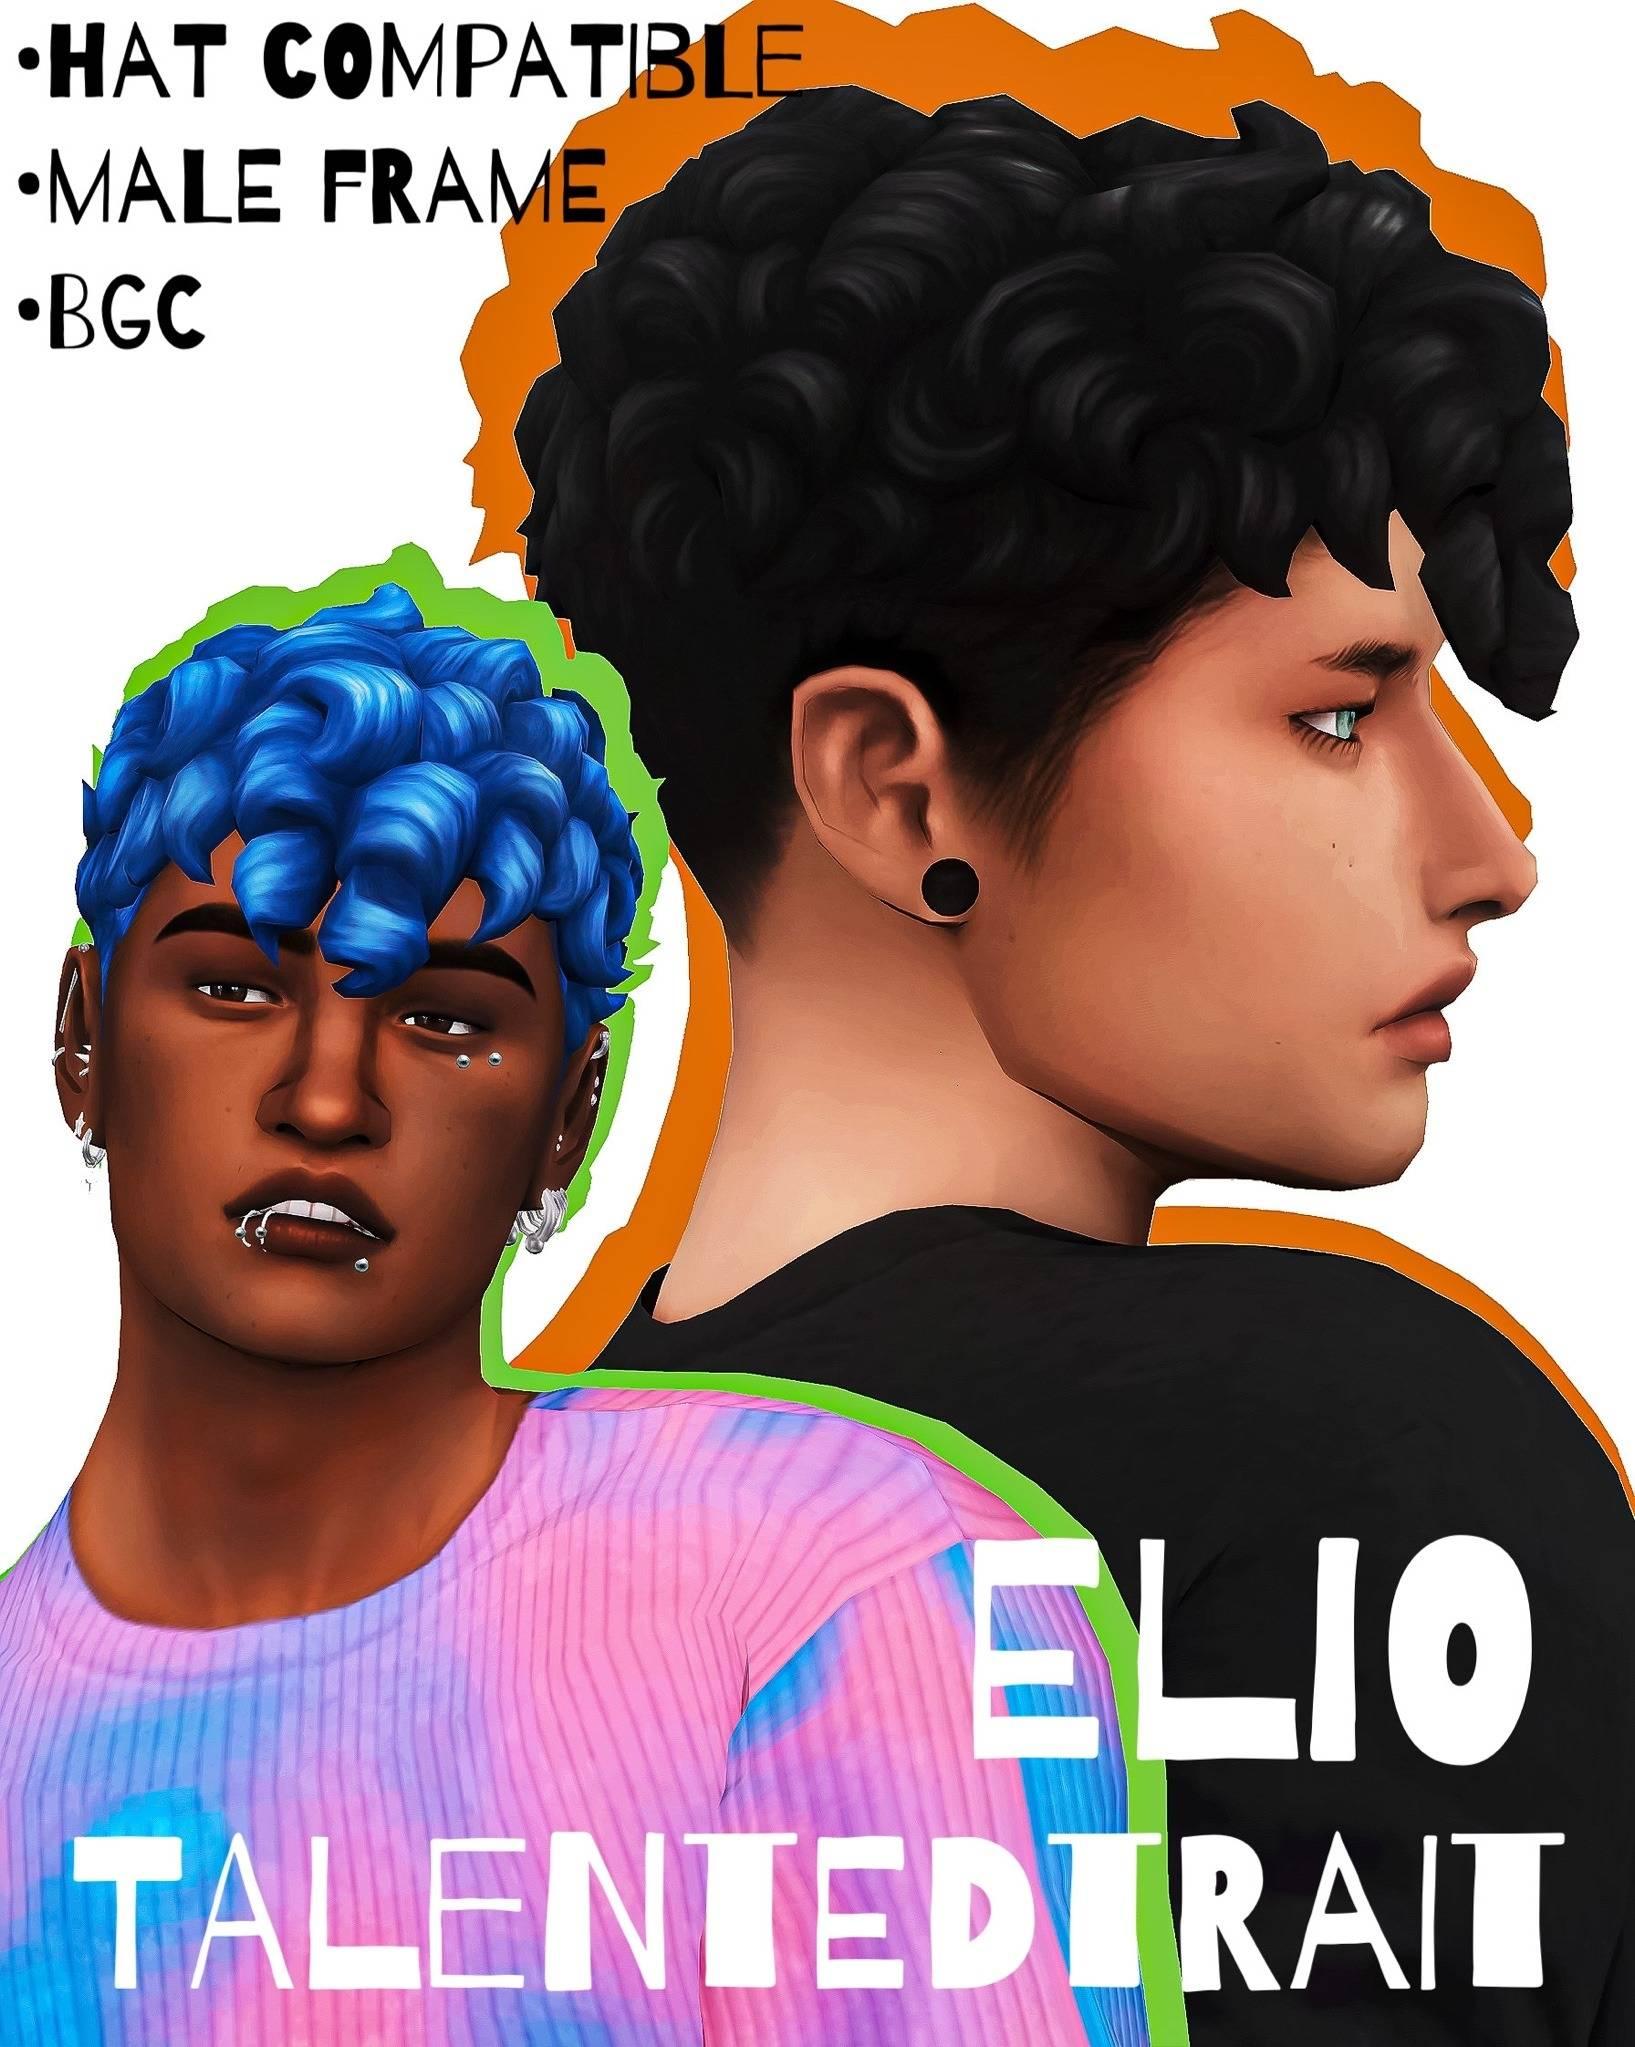 Мужская прическа - Elio Hair